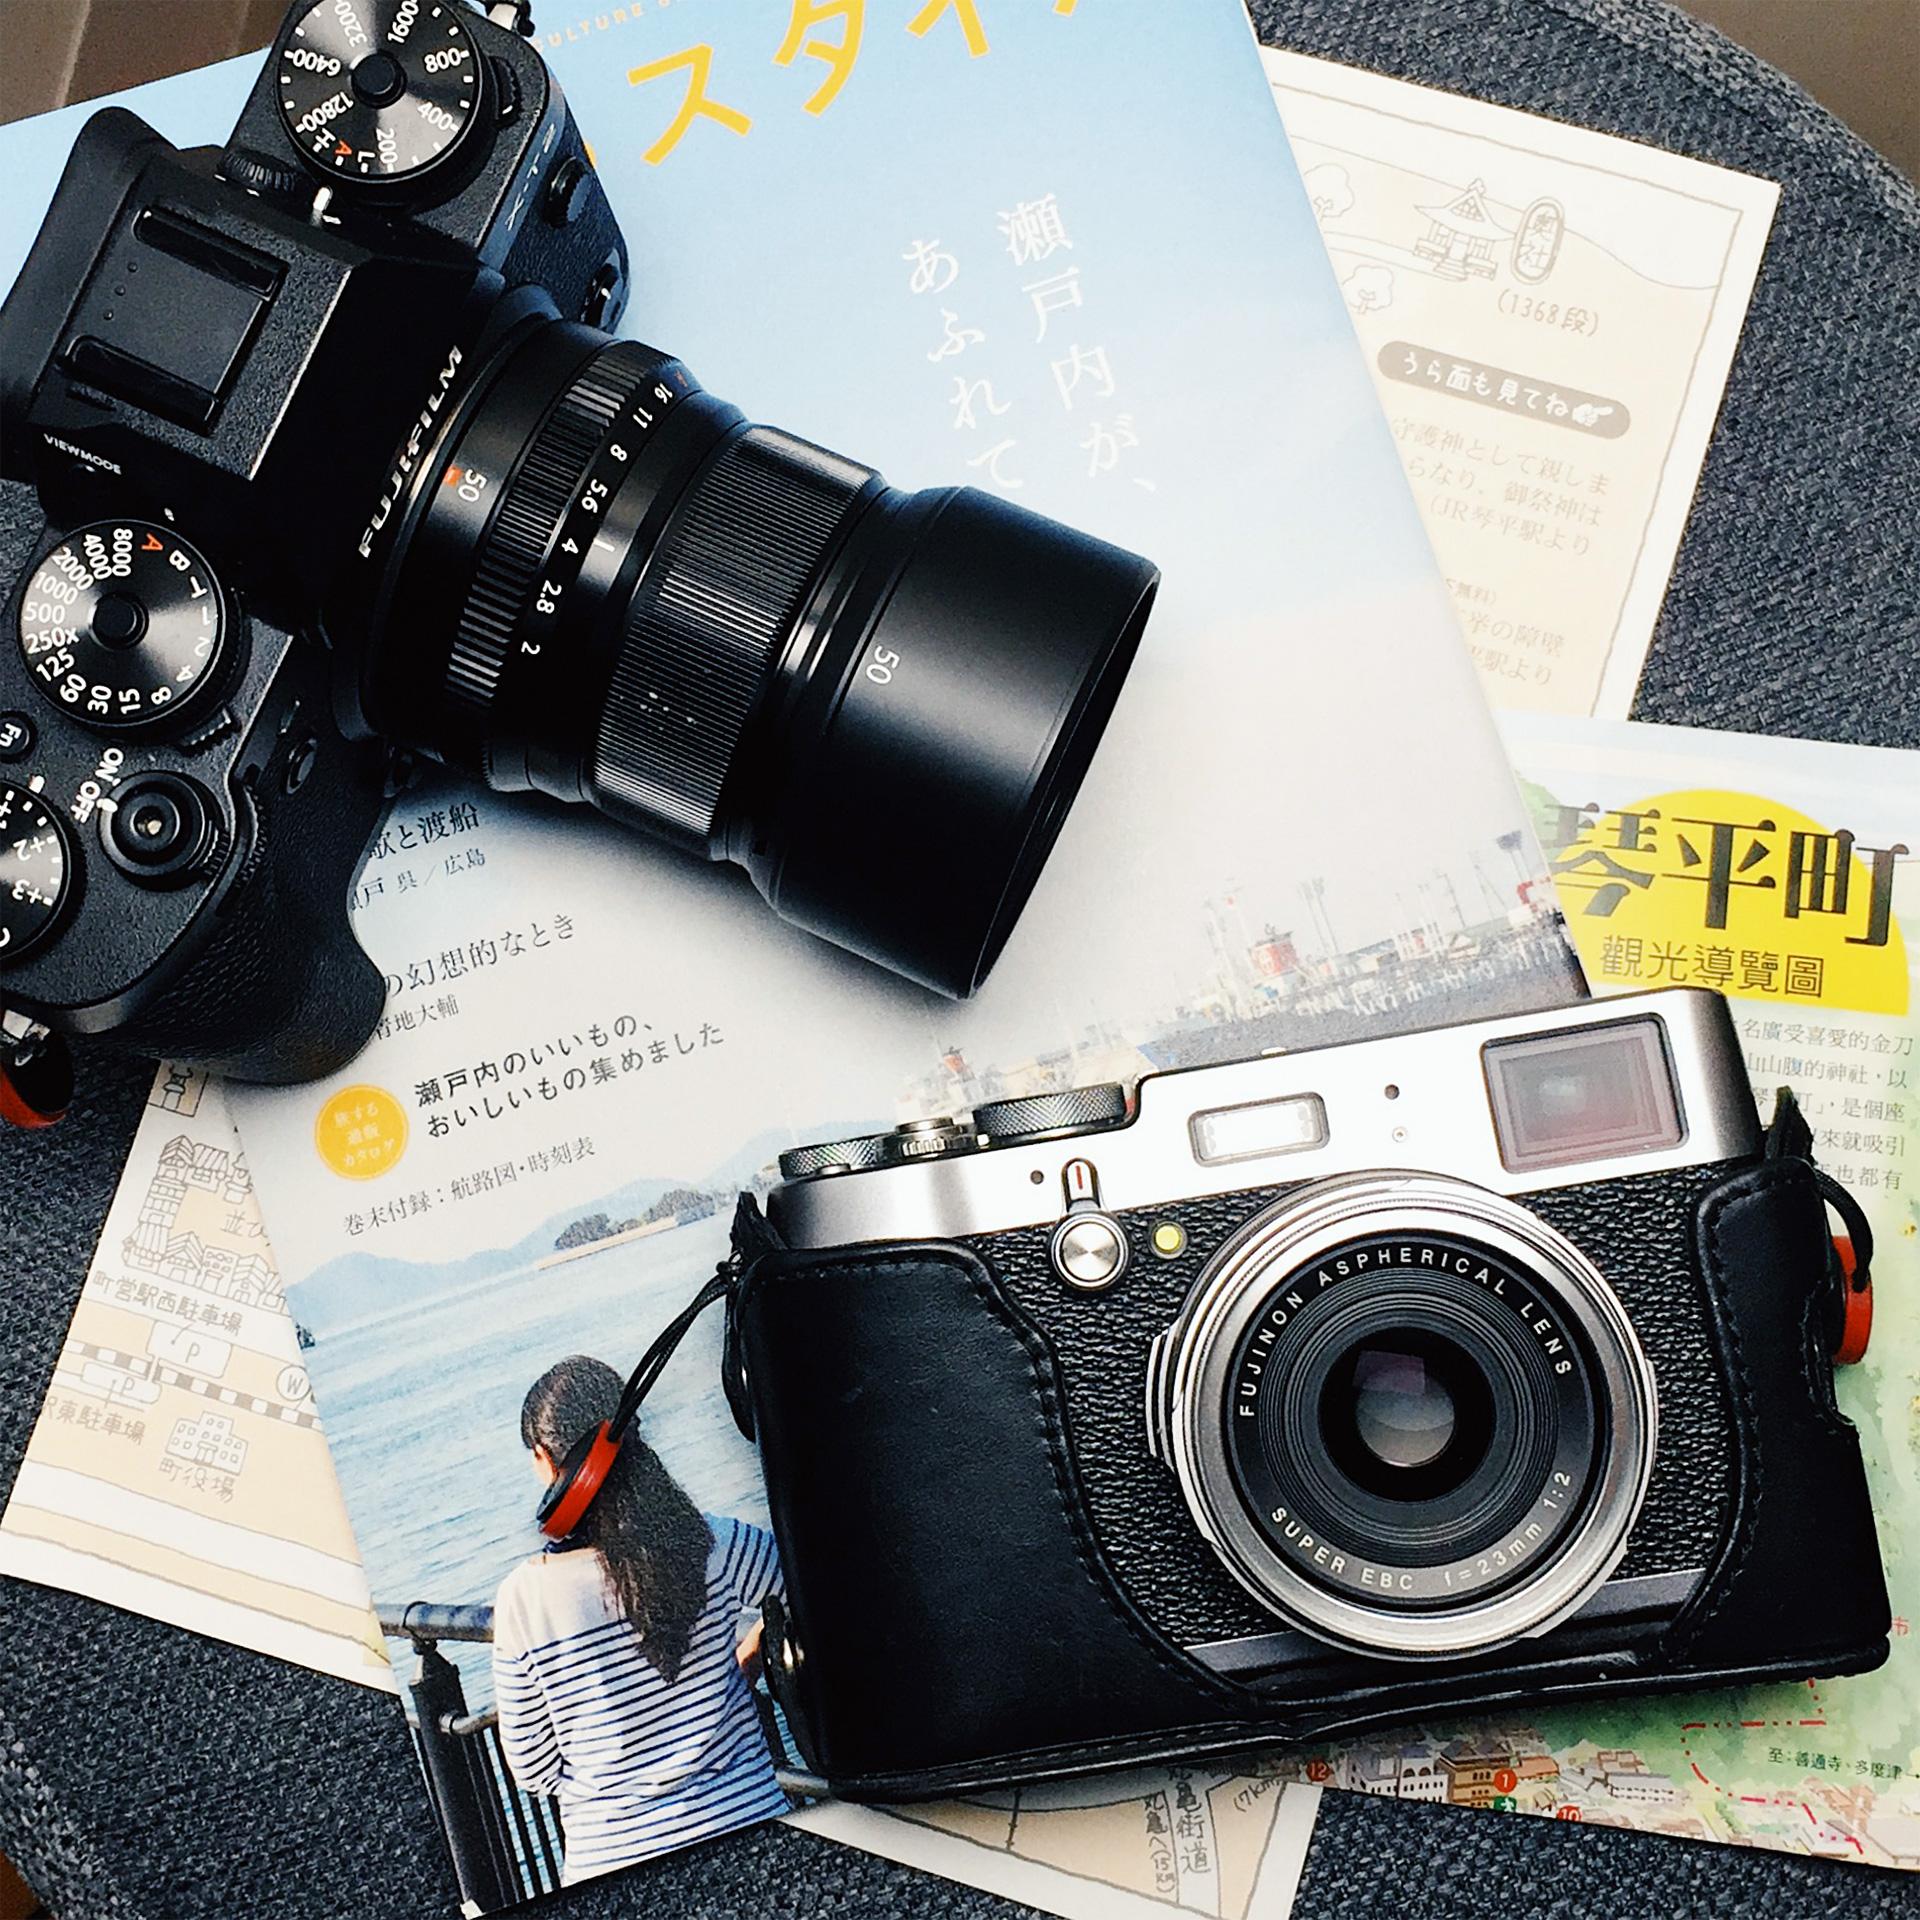 瀨戶內海紀行的旅行紀錄設備